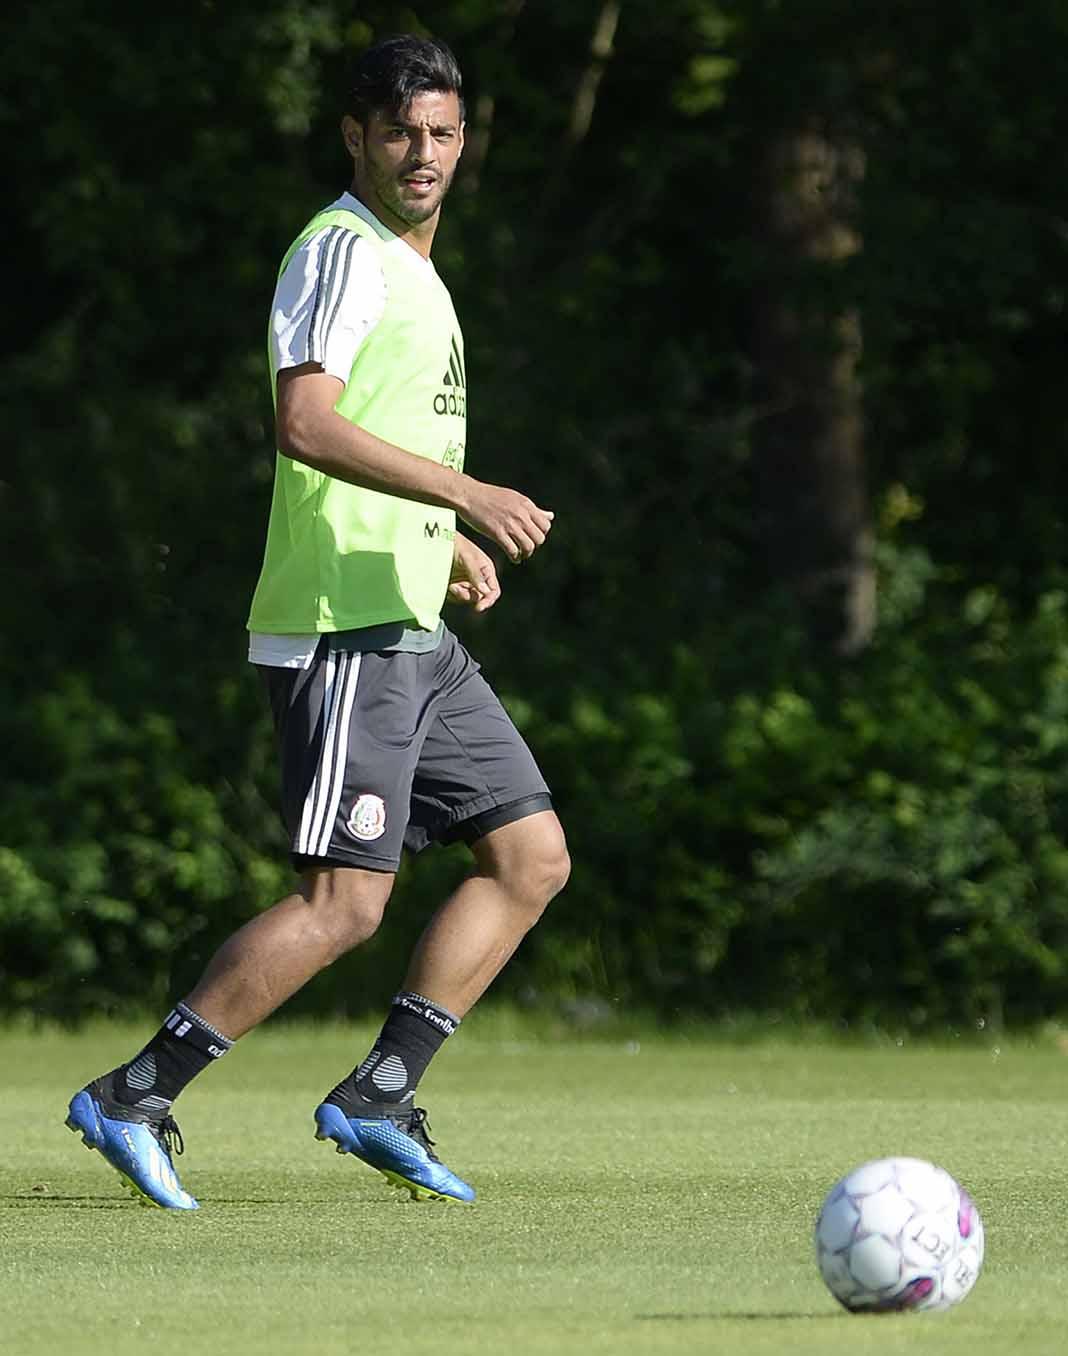 Carlos Vela juega en Los Angeles FC y es uno de los mejores elementos de la Selección Mexicana